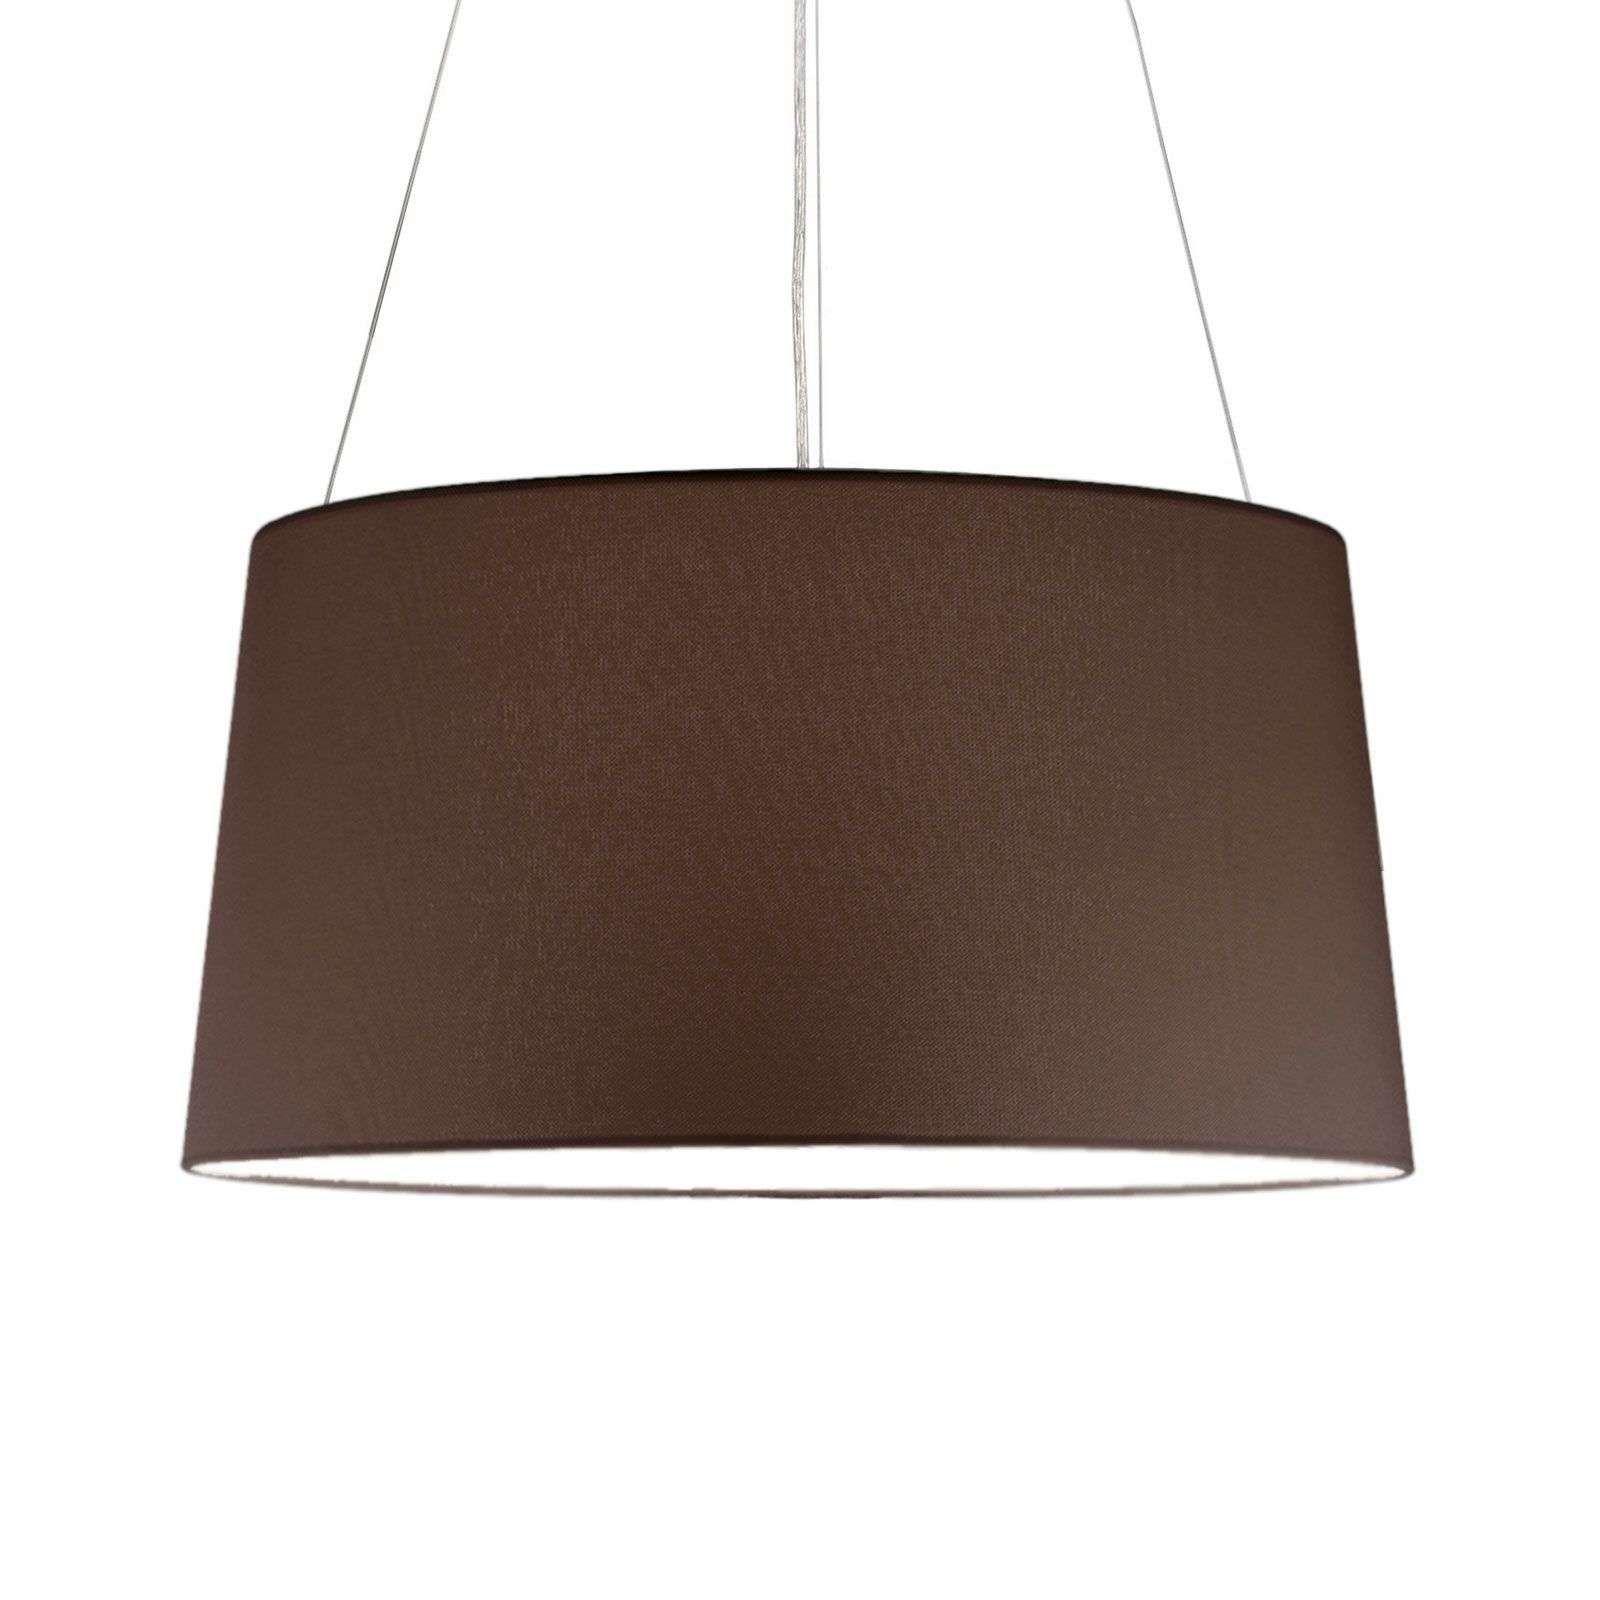 Küchentisch Pendelleuchte Hängeleuchte Tisch Pendelleuchten Höhenverstellbar Dimmbar Design Pendel Hängeleuchte Pendelleuchten Design Direkte Beleuchtung